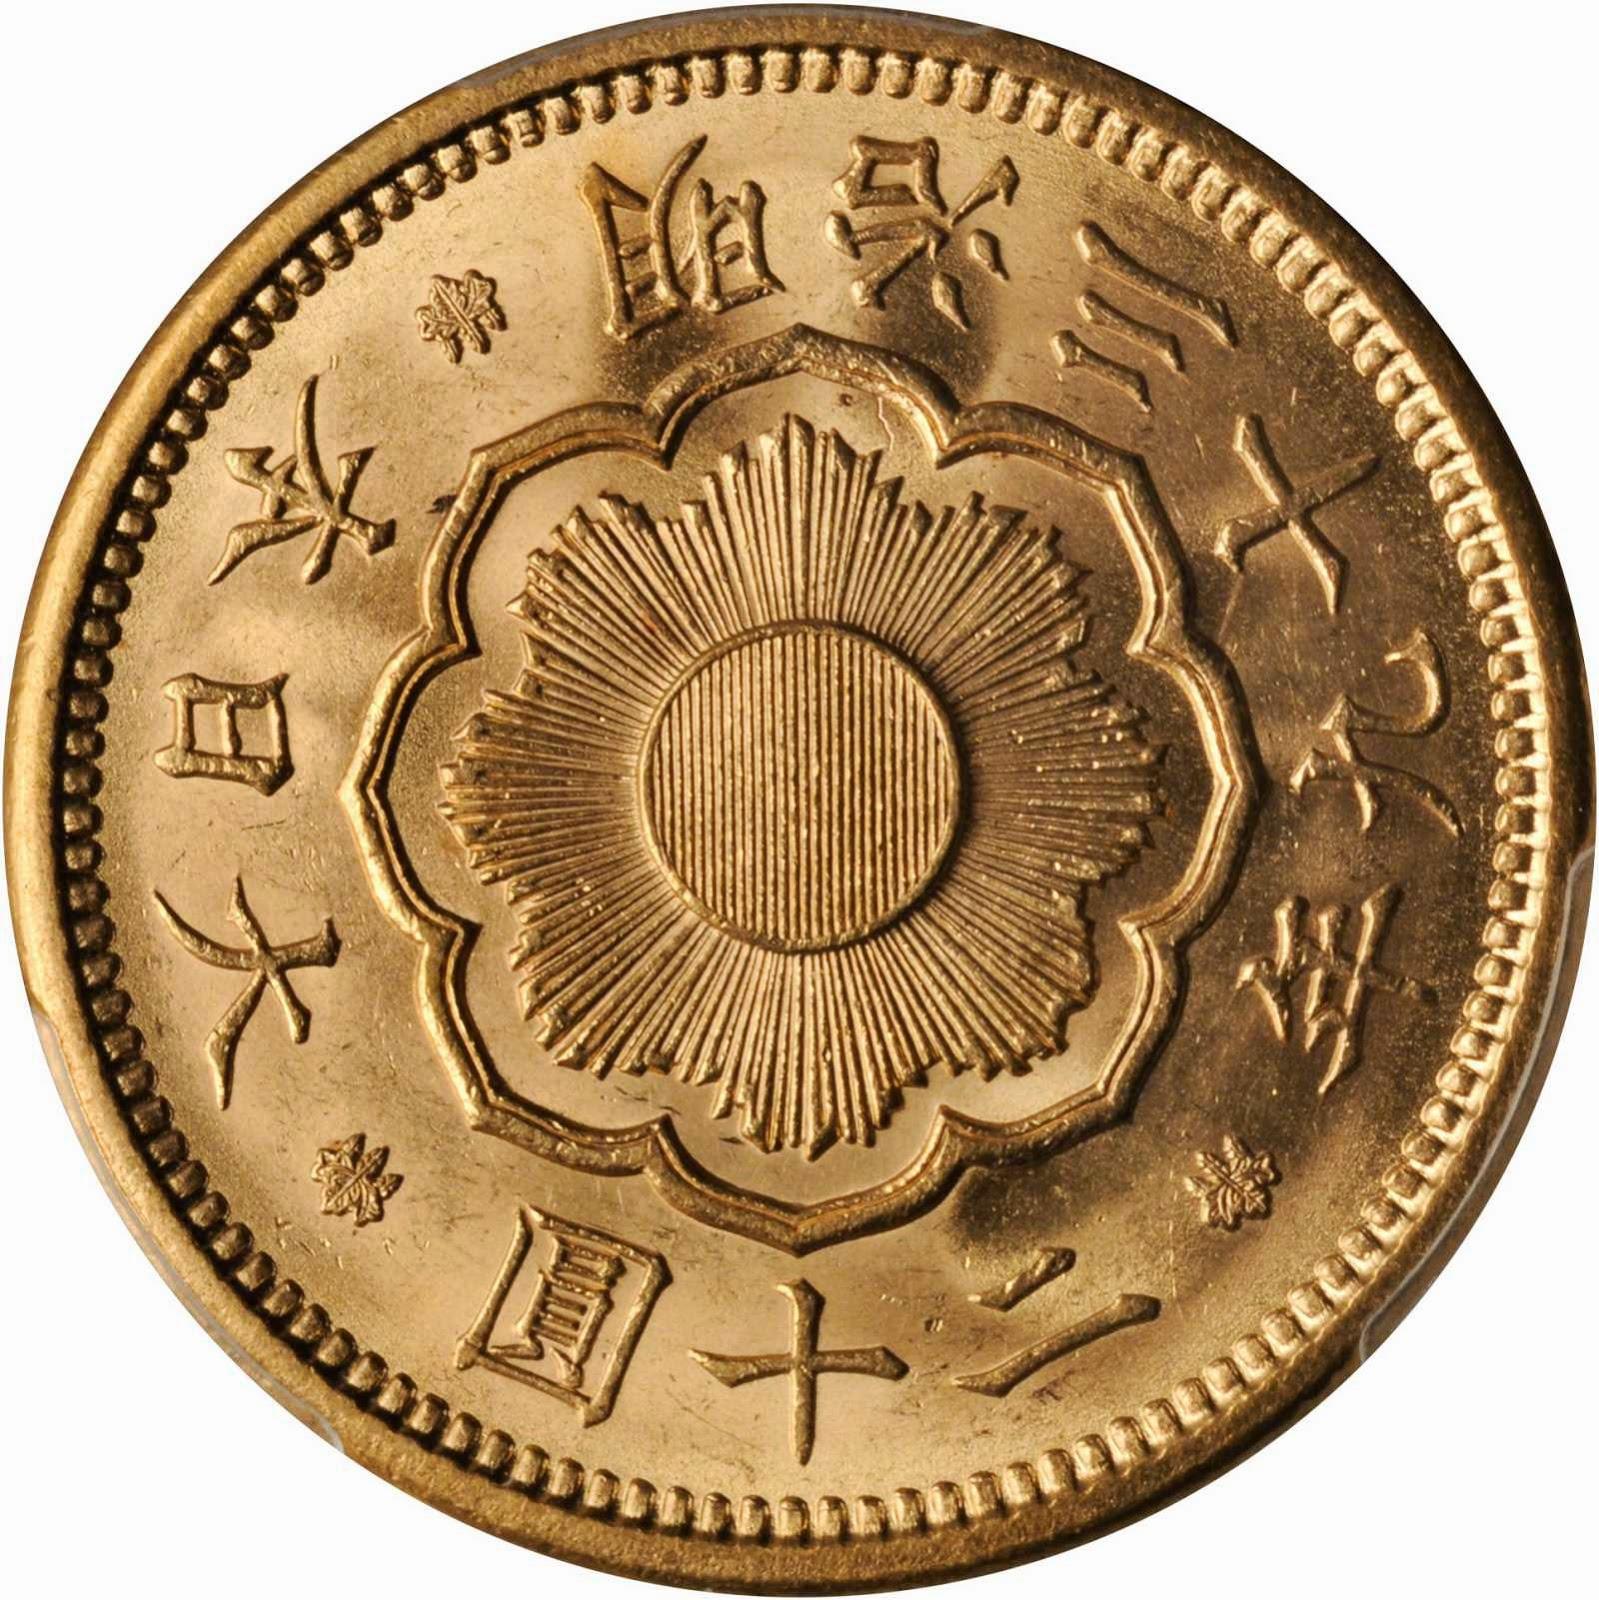 Japanese 20 Yen Gold coin